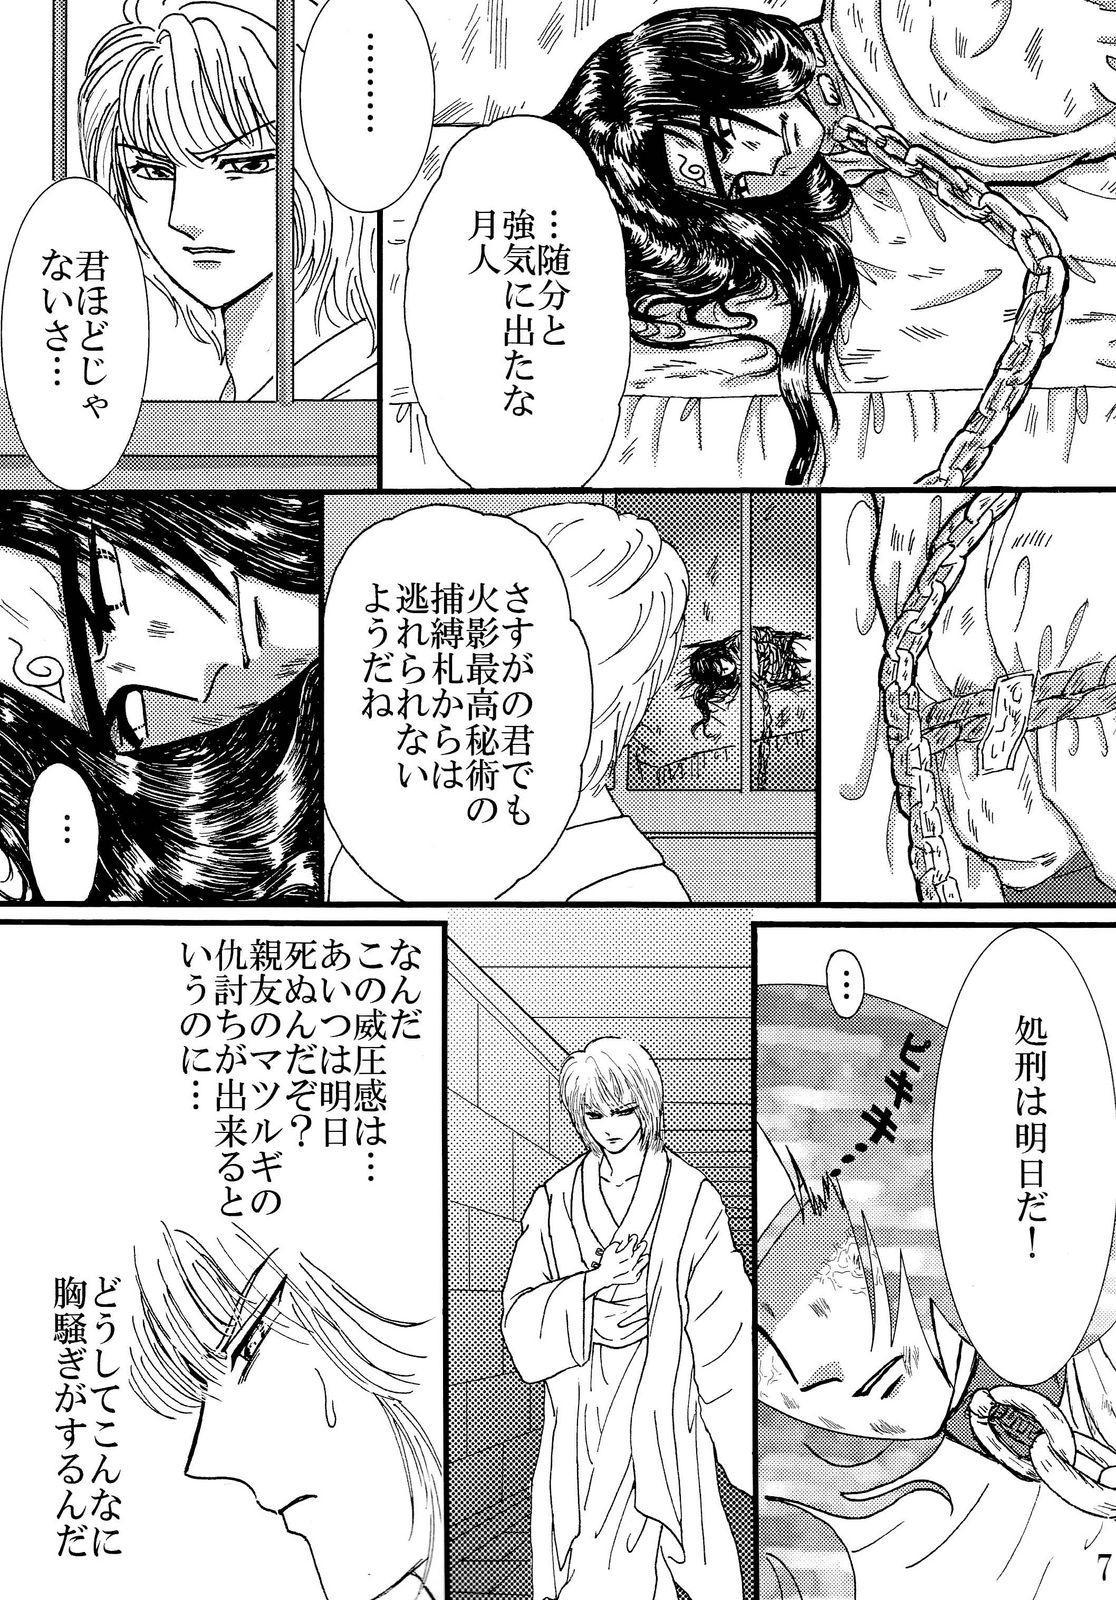 Yami ni Saku Hana IV 5